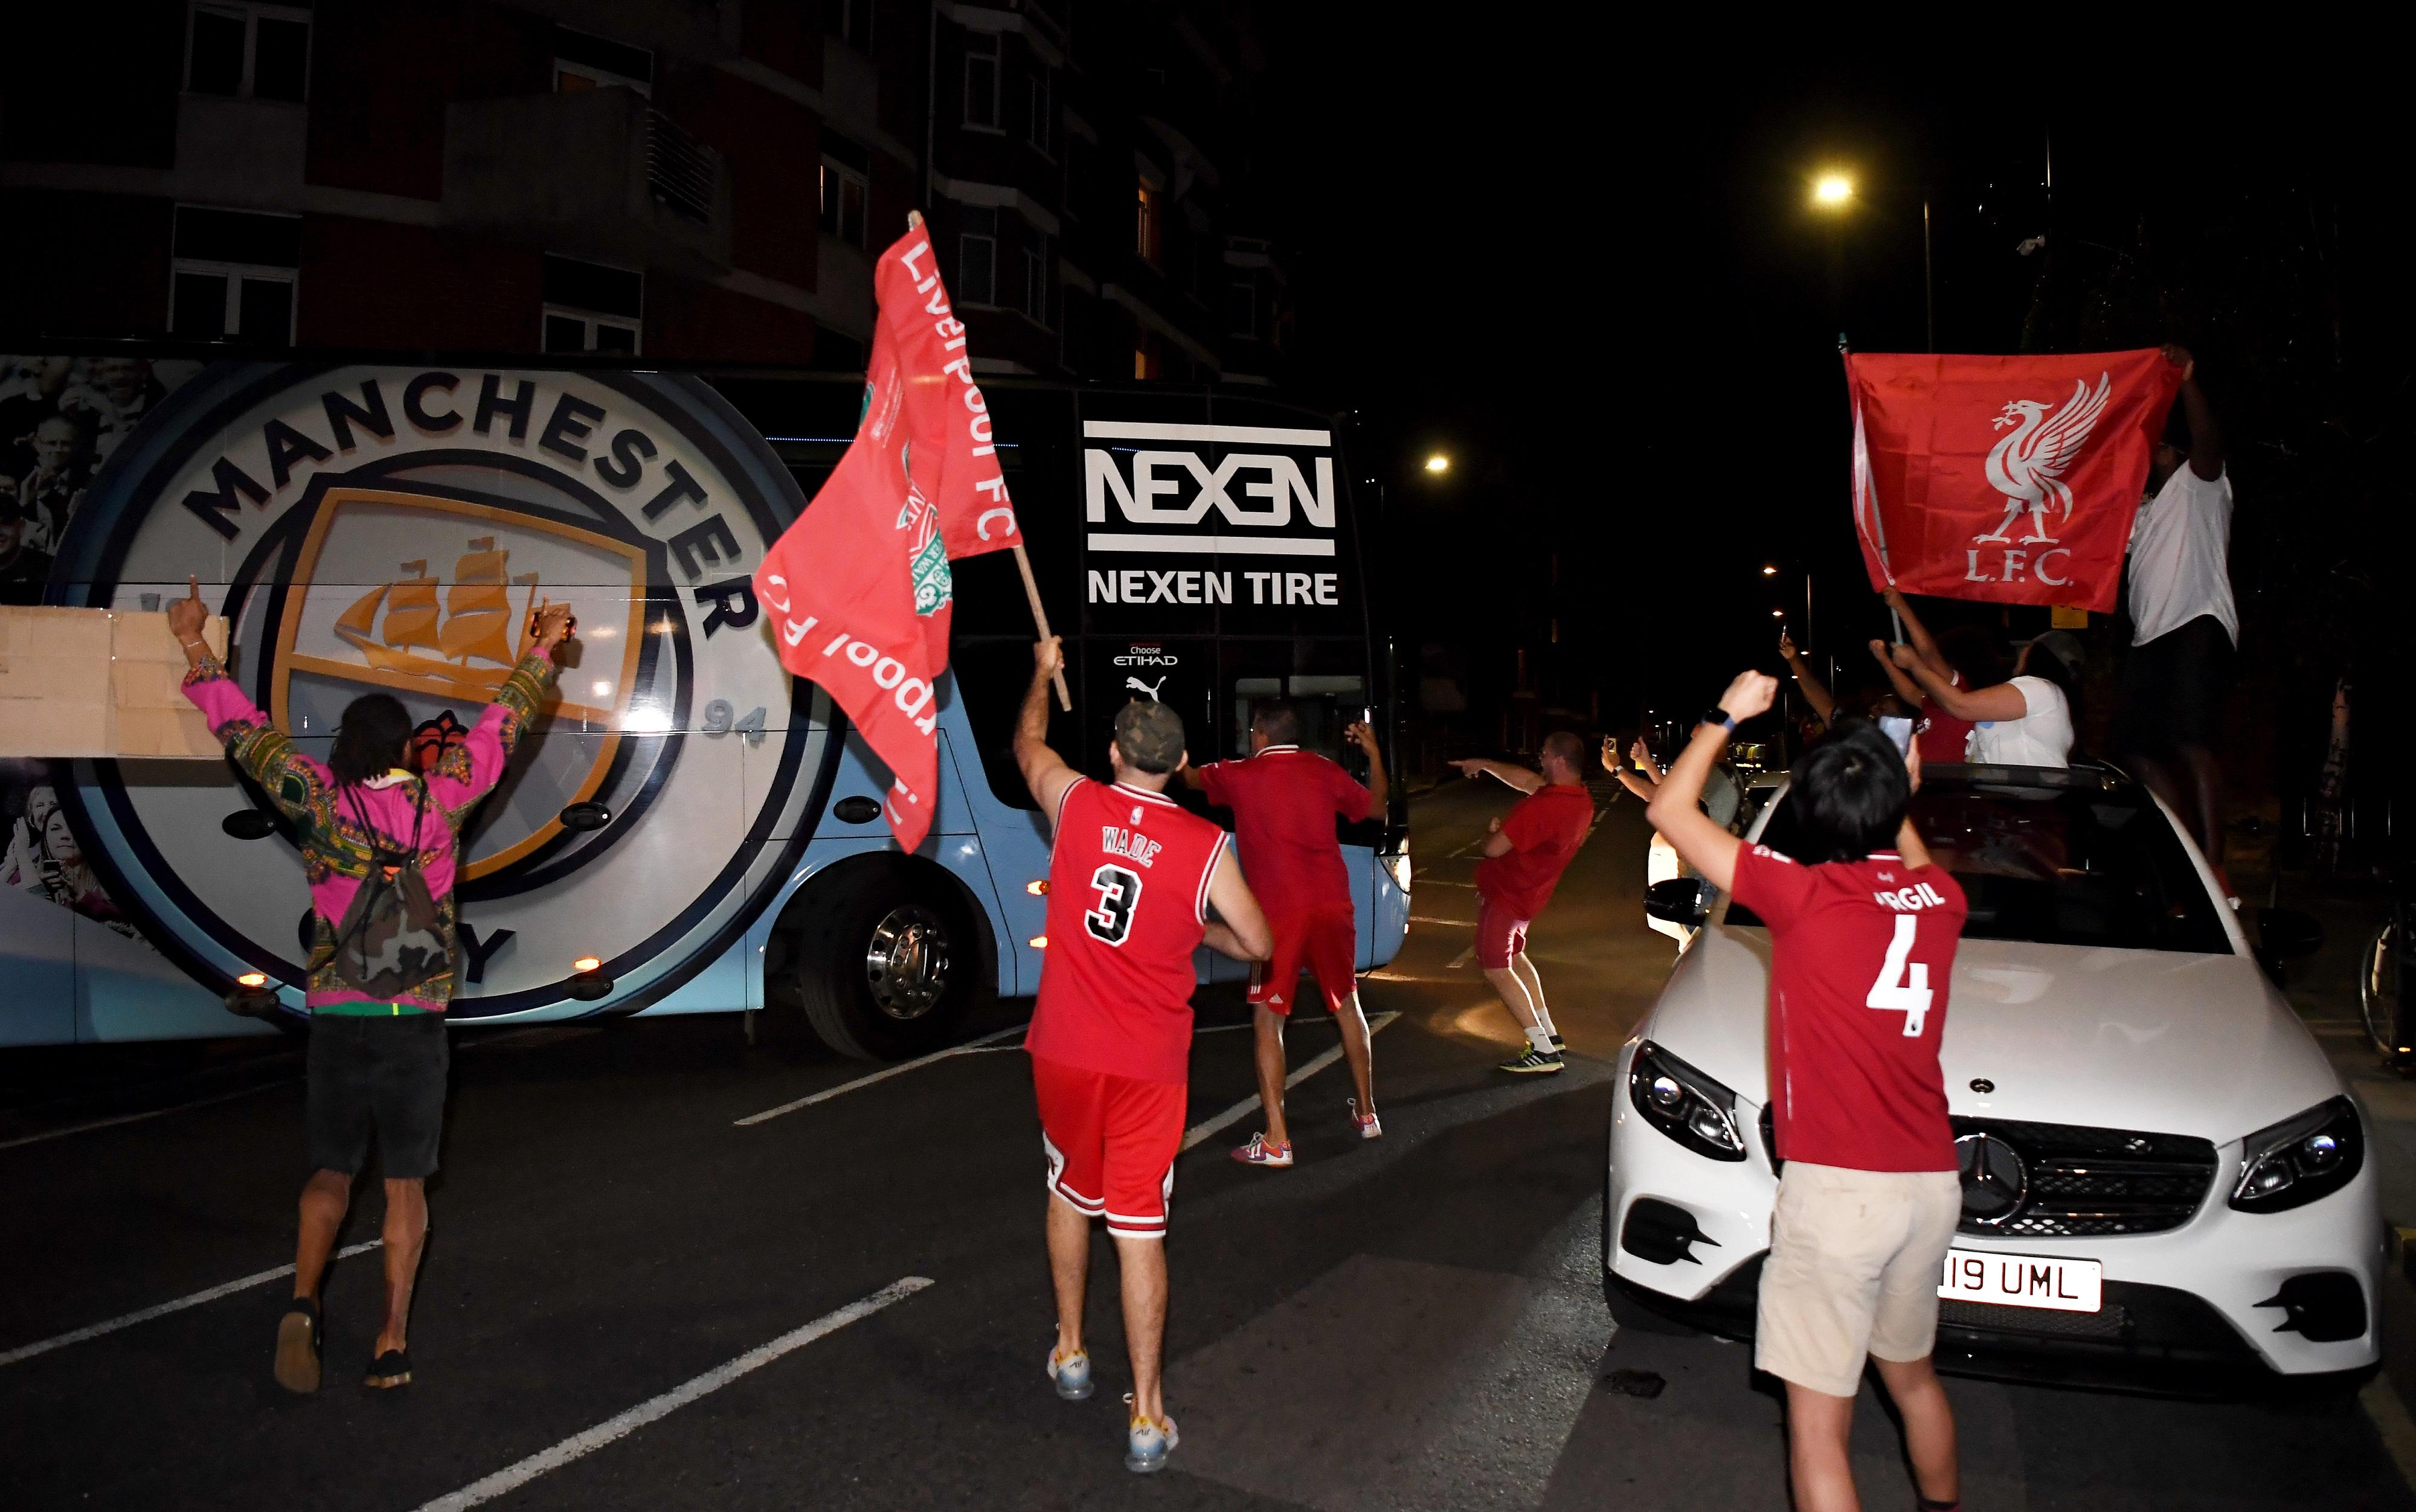 Болельщики праздновали чемпионство «Ливерпуля» и в других городах. В Лондоне фанаты «красных» пришли к стадиону, на котором проходил матча «Челси»— «Манчестер Сити»